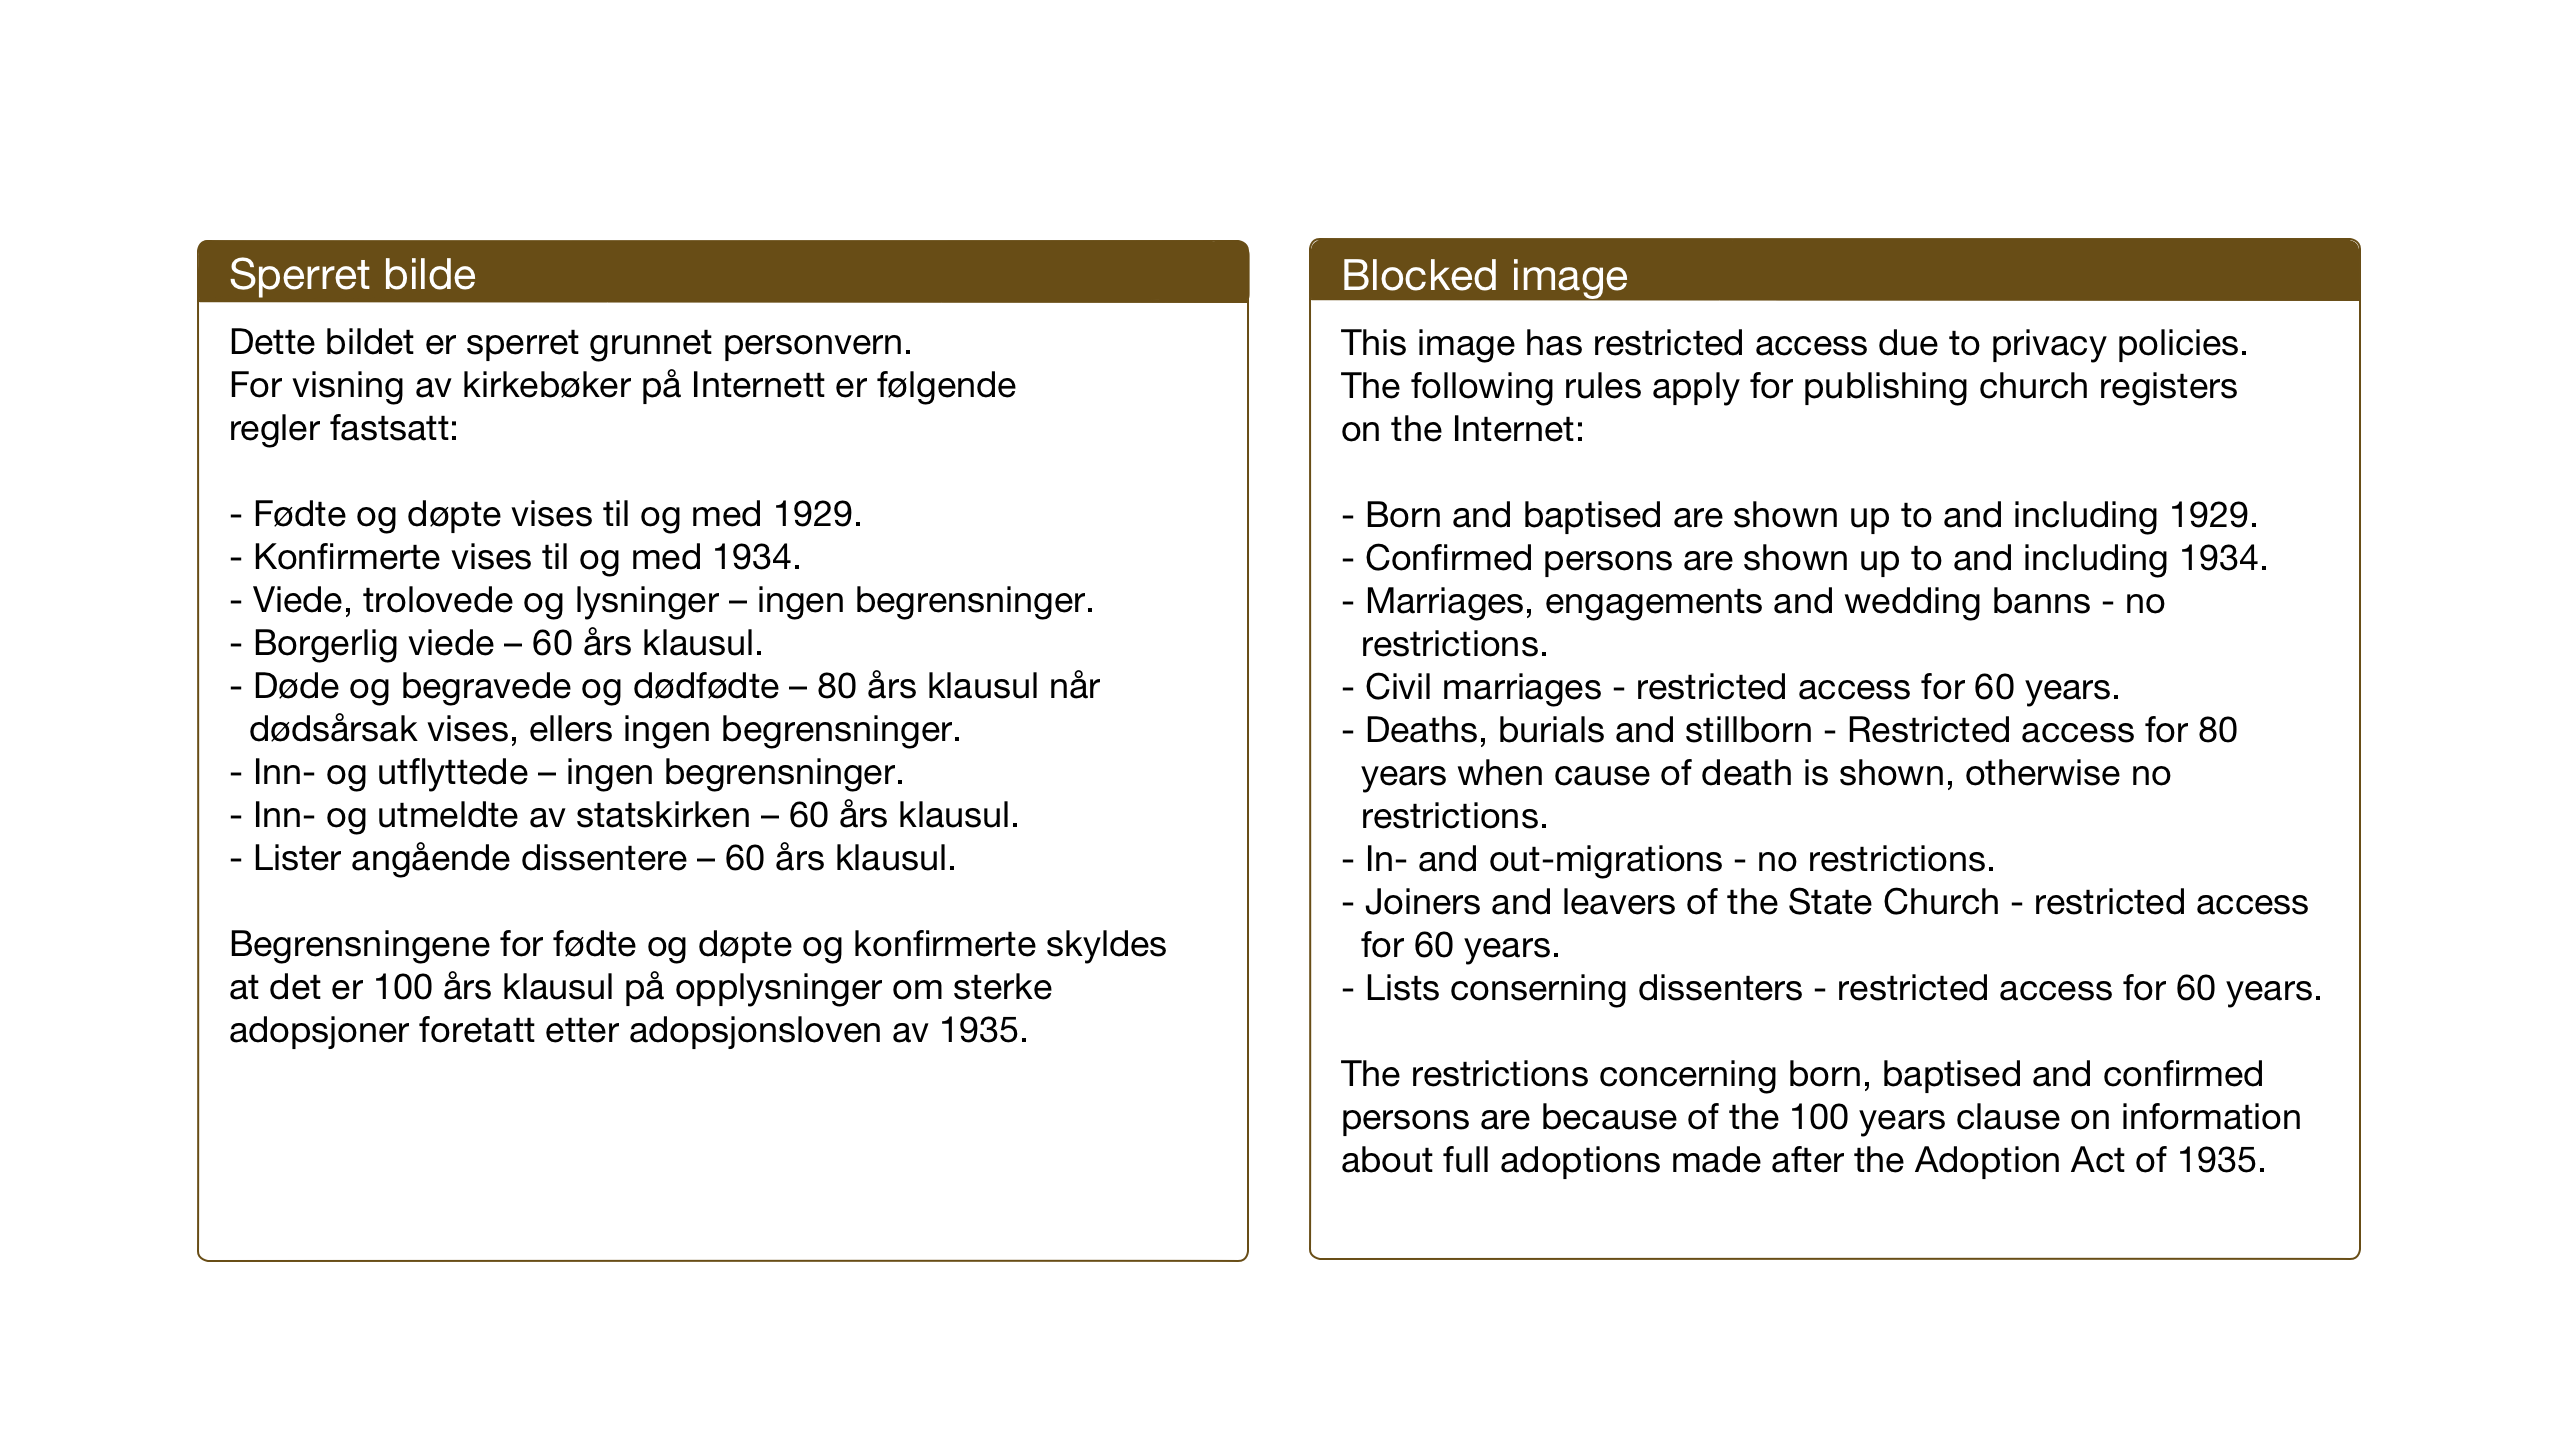 SAT, Ministerialprotokoller, klokkerbøker og fødselsregistre - Nord-Trøndelag, 722/L0227: Klokkerbok nr. 722C03, 1928-1958, s. 28